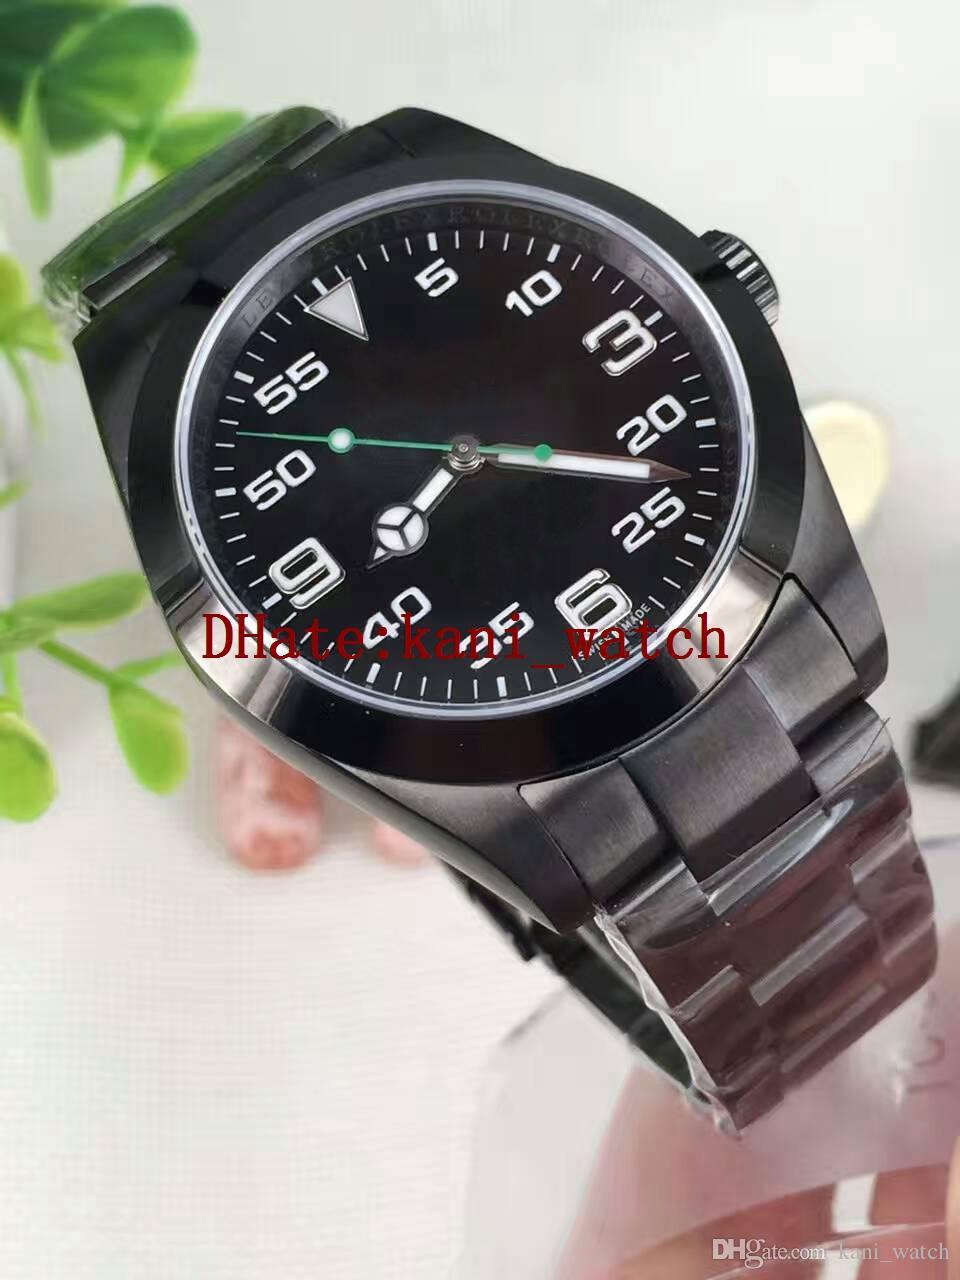 b863e52cfc4 Compre O Top Relógio De Homens Europeus E Americanos De Luxo Da Marca AAA  Qualidade 116900 71200 Relógio De Aço Inoxidável Automático De Vidro De  Safira ...